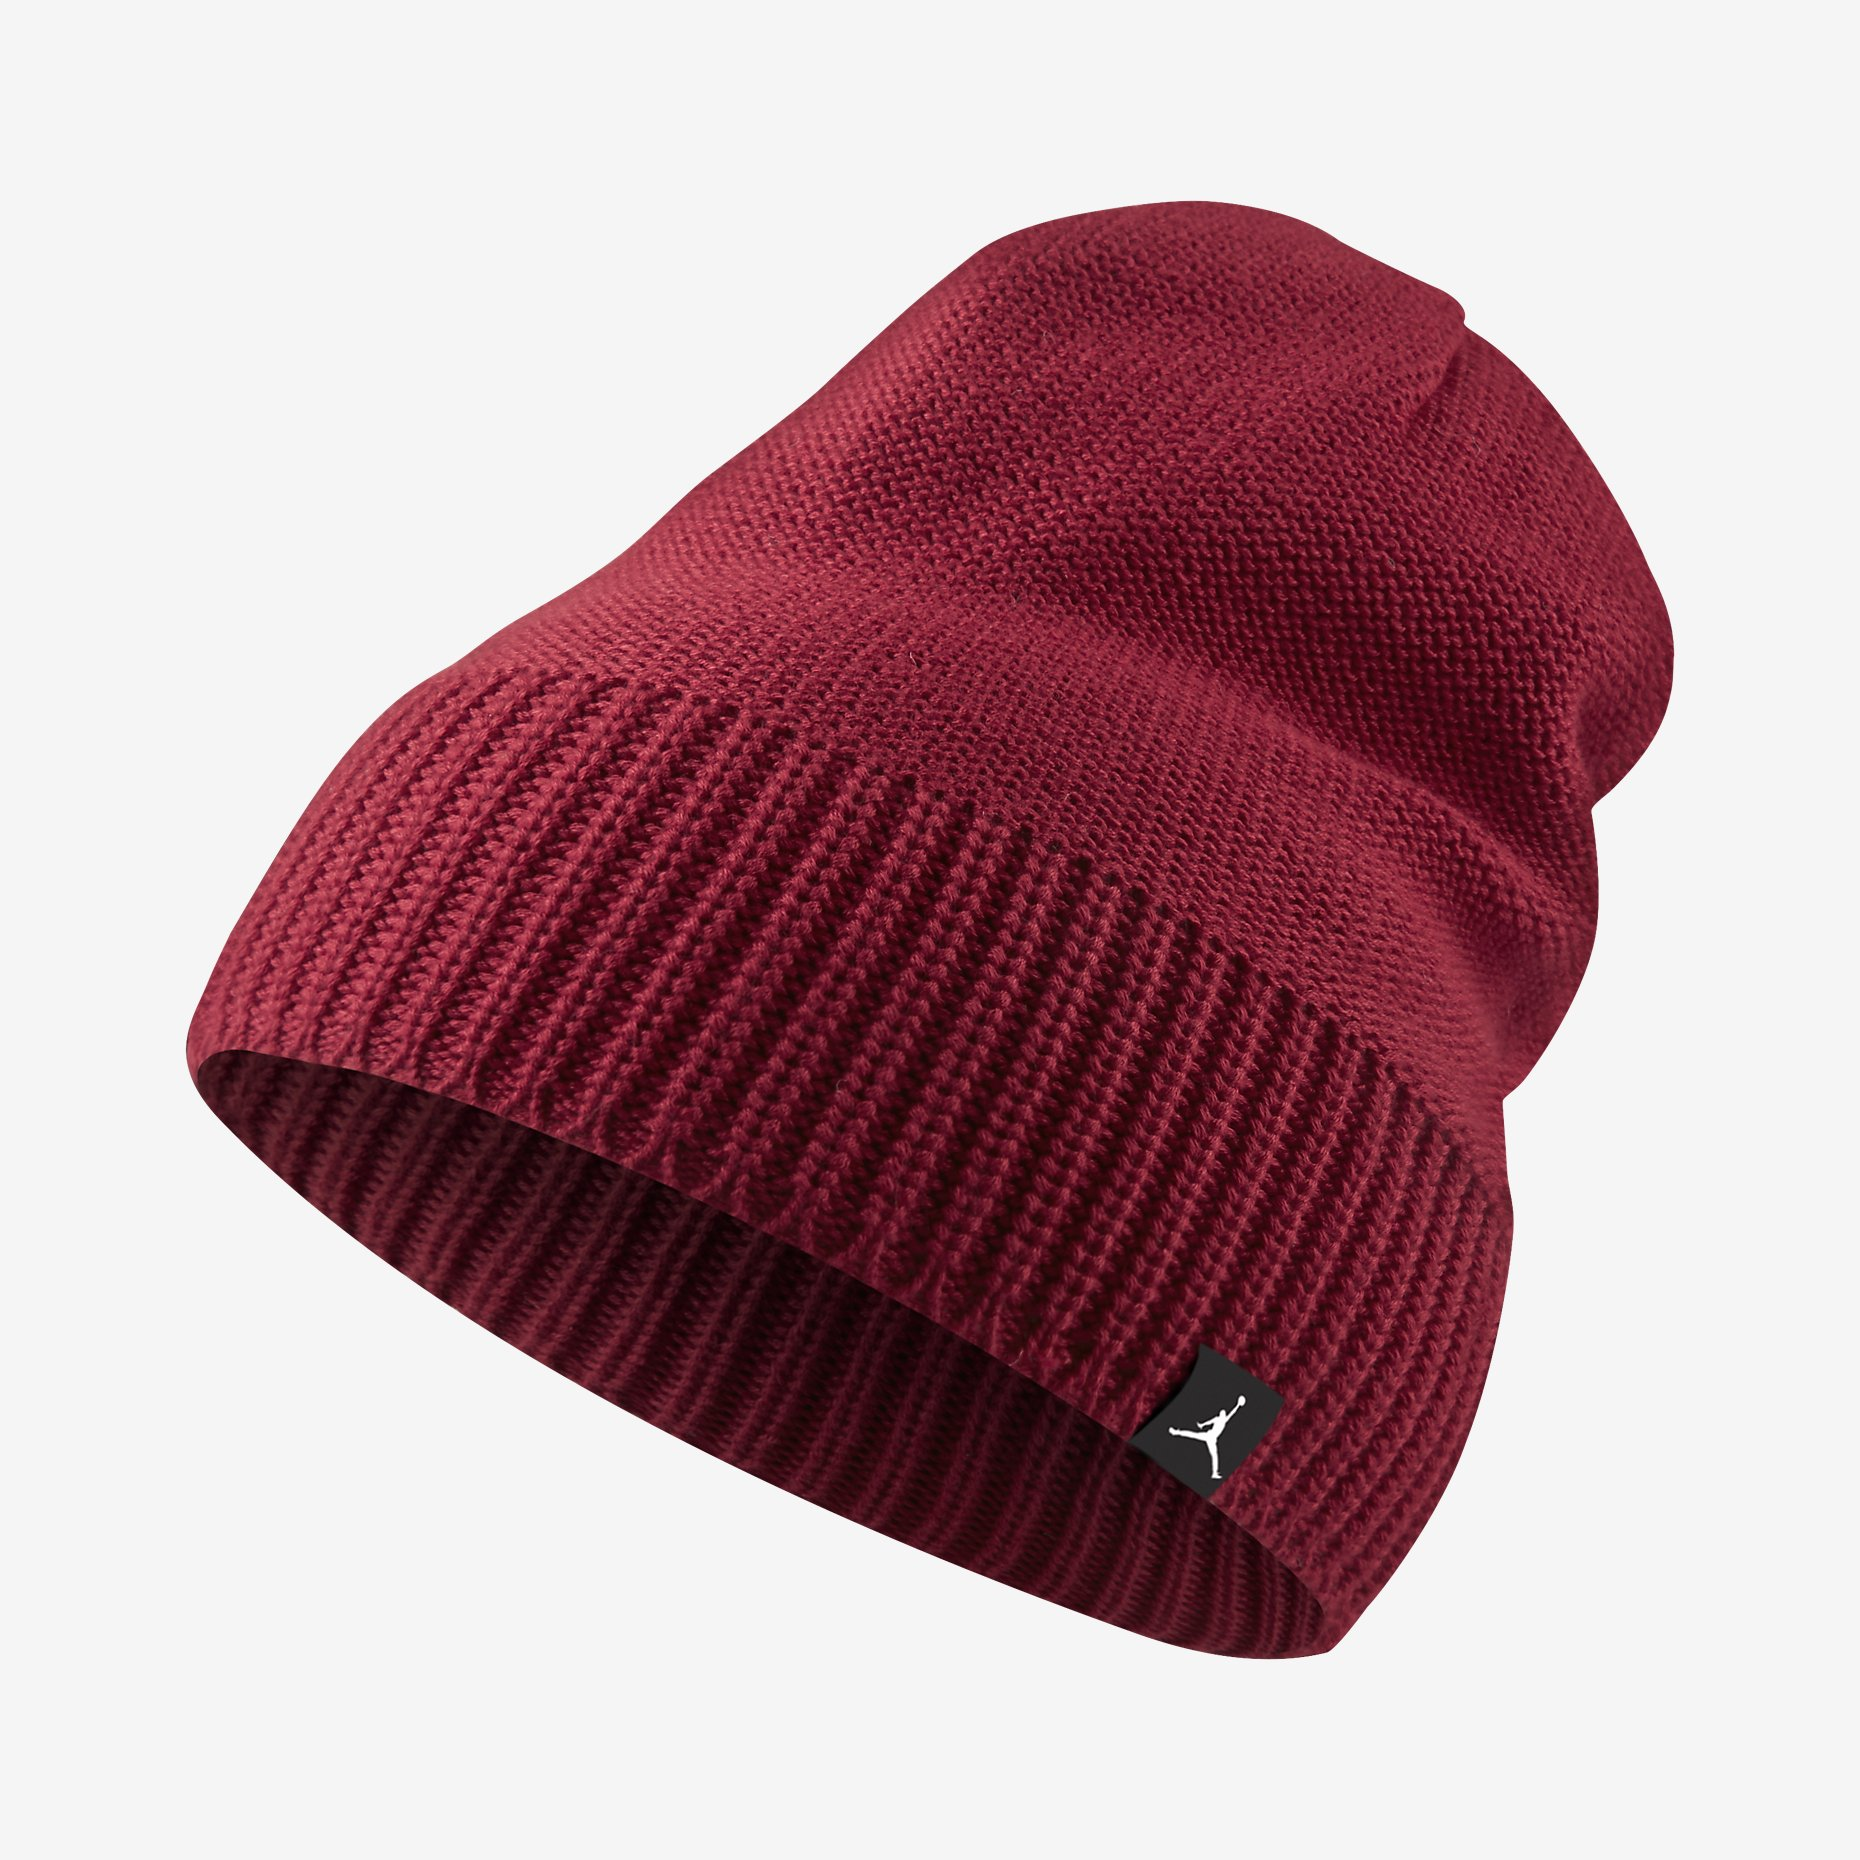 e10dc3b076d Jordan jumpman beanie knit hat rojo jpg 1860x1860 Red knit hat